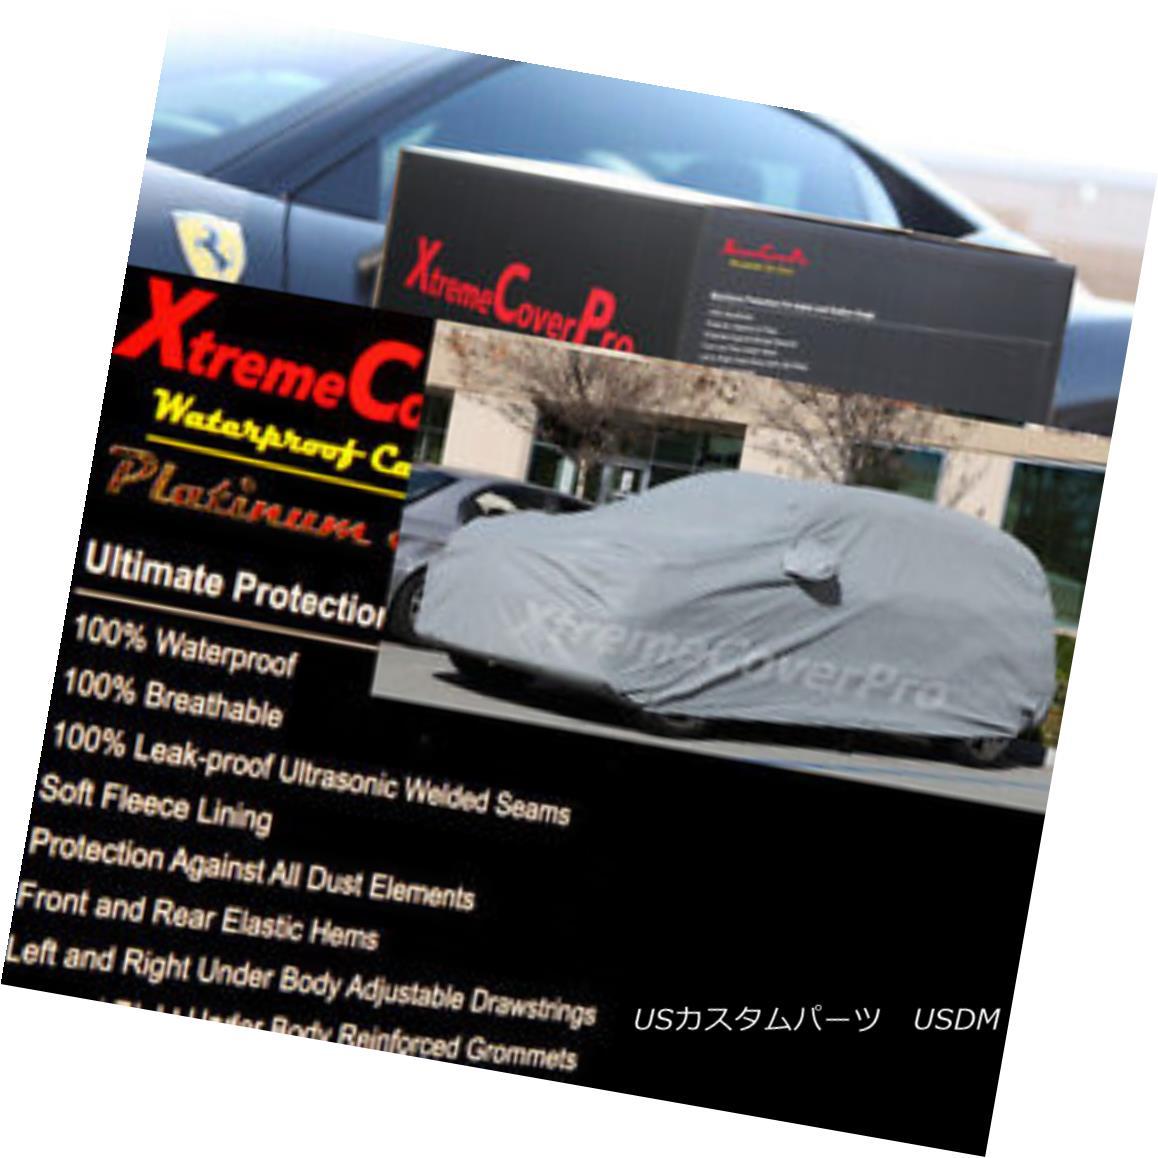 カーカバー 2012 Land Rover Range Rover Waterproof Car Cover w/ Mirror Pocket 2012年ランドローバーレンジローバー防水カーカバー(ミラーポケット付)